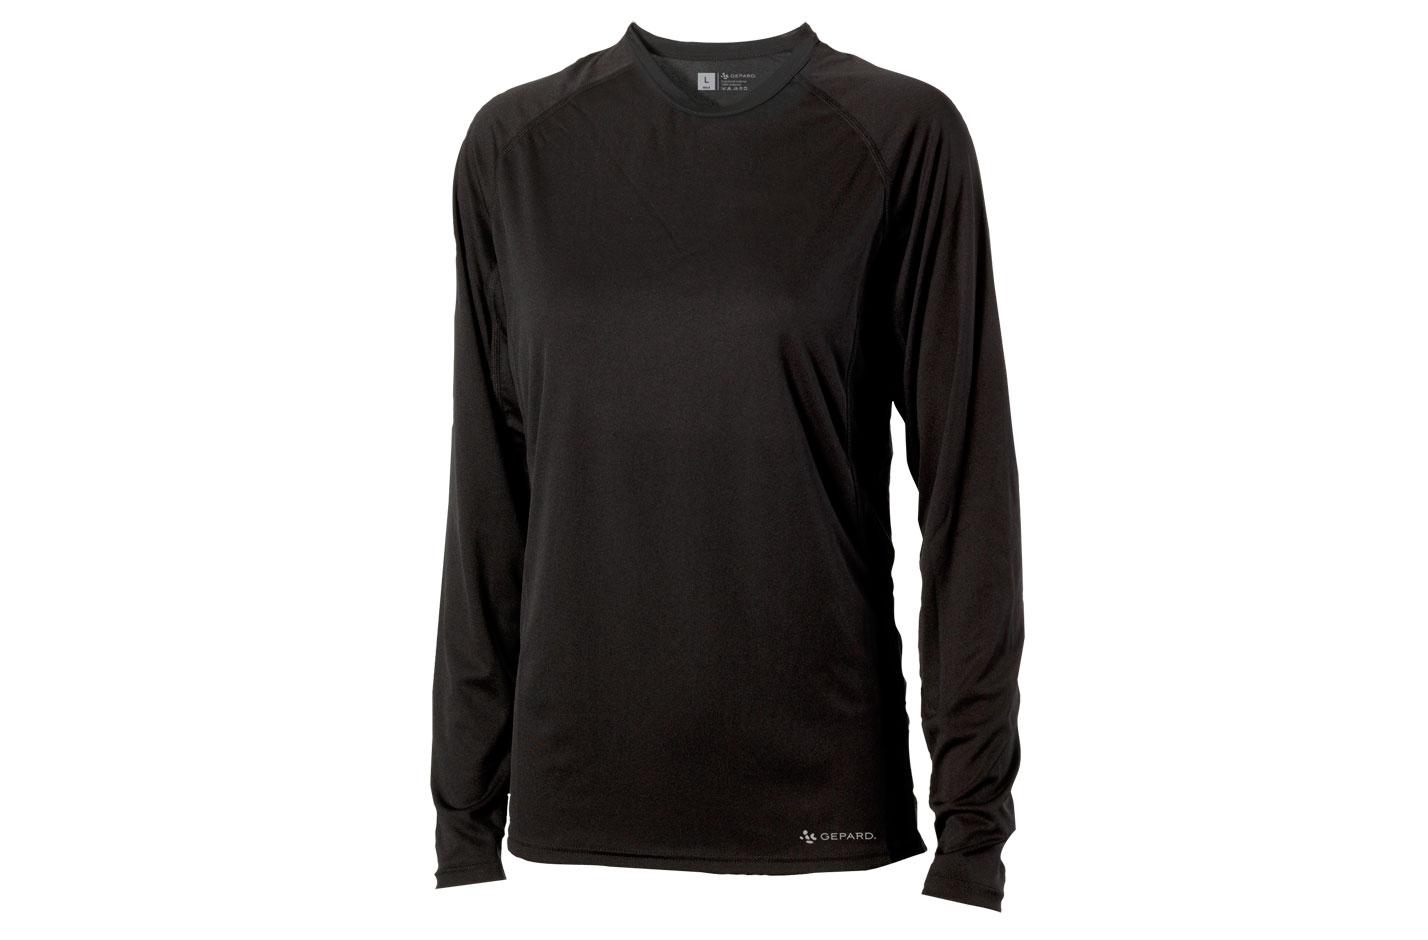 GEPARD Langærmet T shirt, Herre, Sort